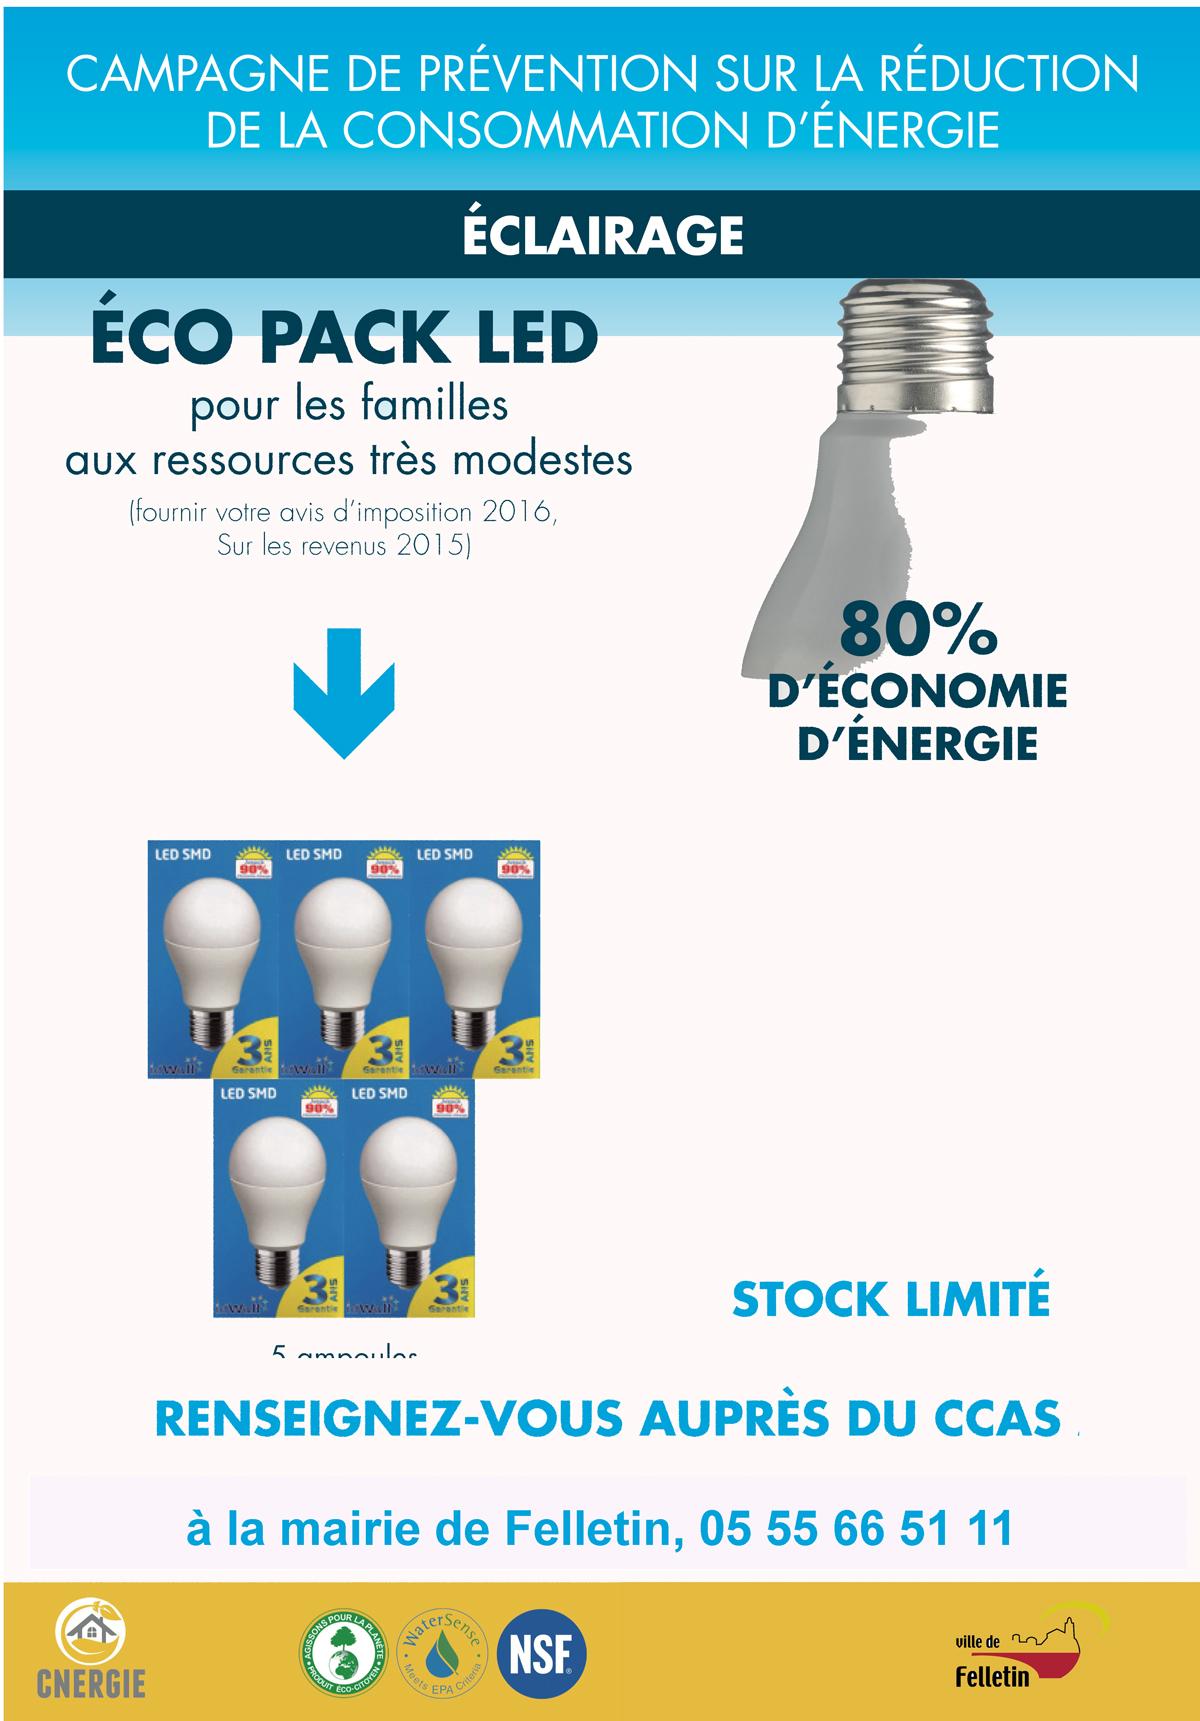 affiche-ecopack-5leds-V2-vi